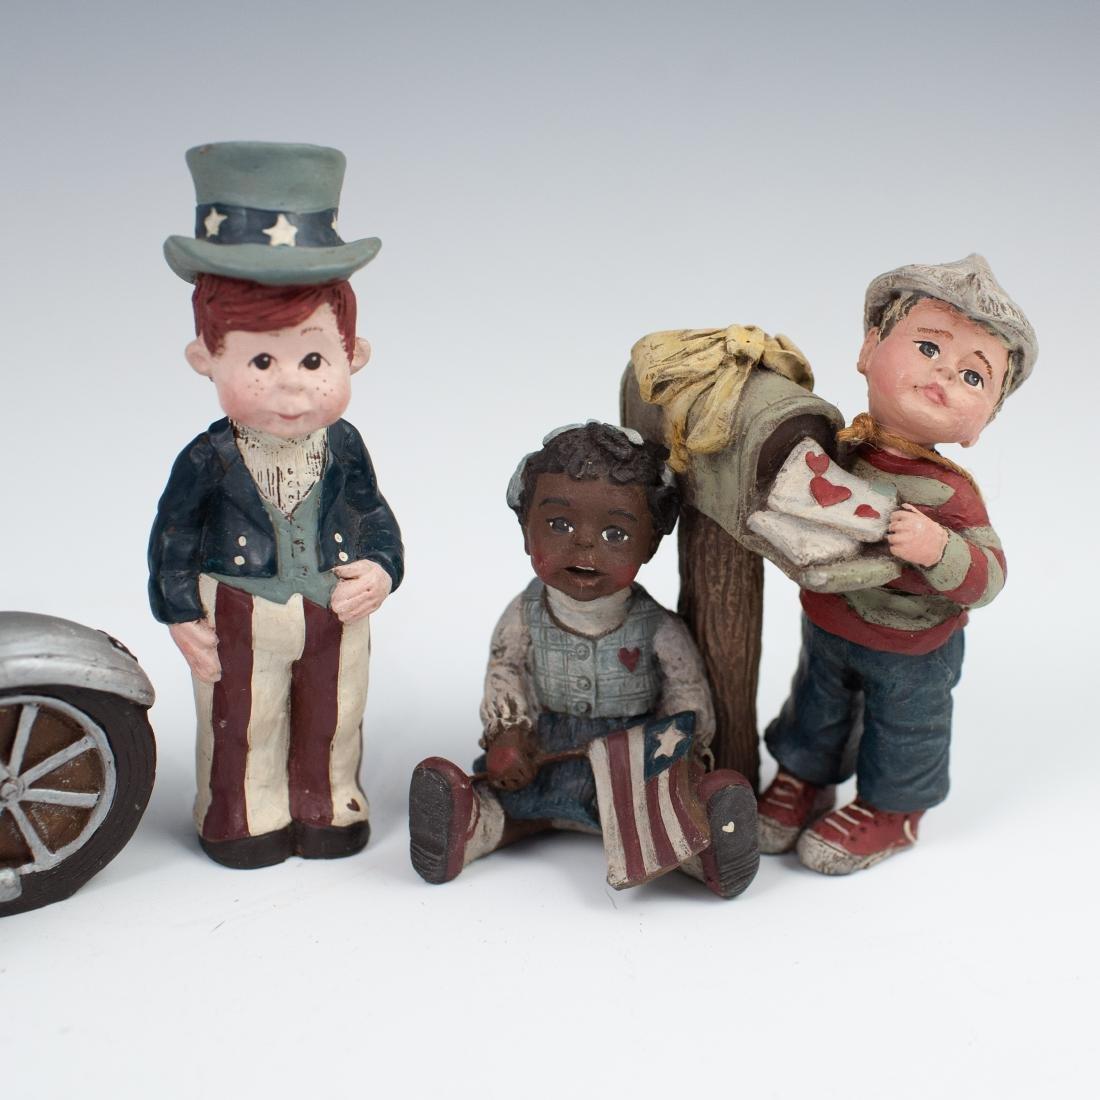 (5) Sarah's Attic Figurines - 4